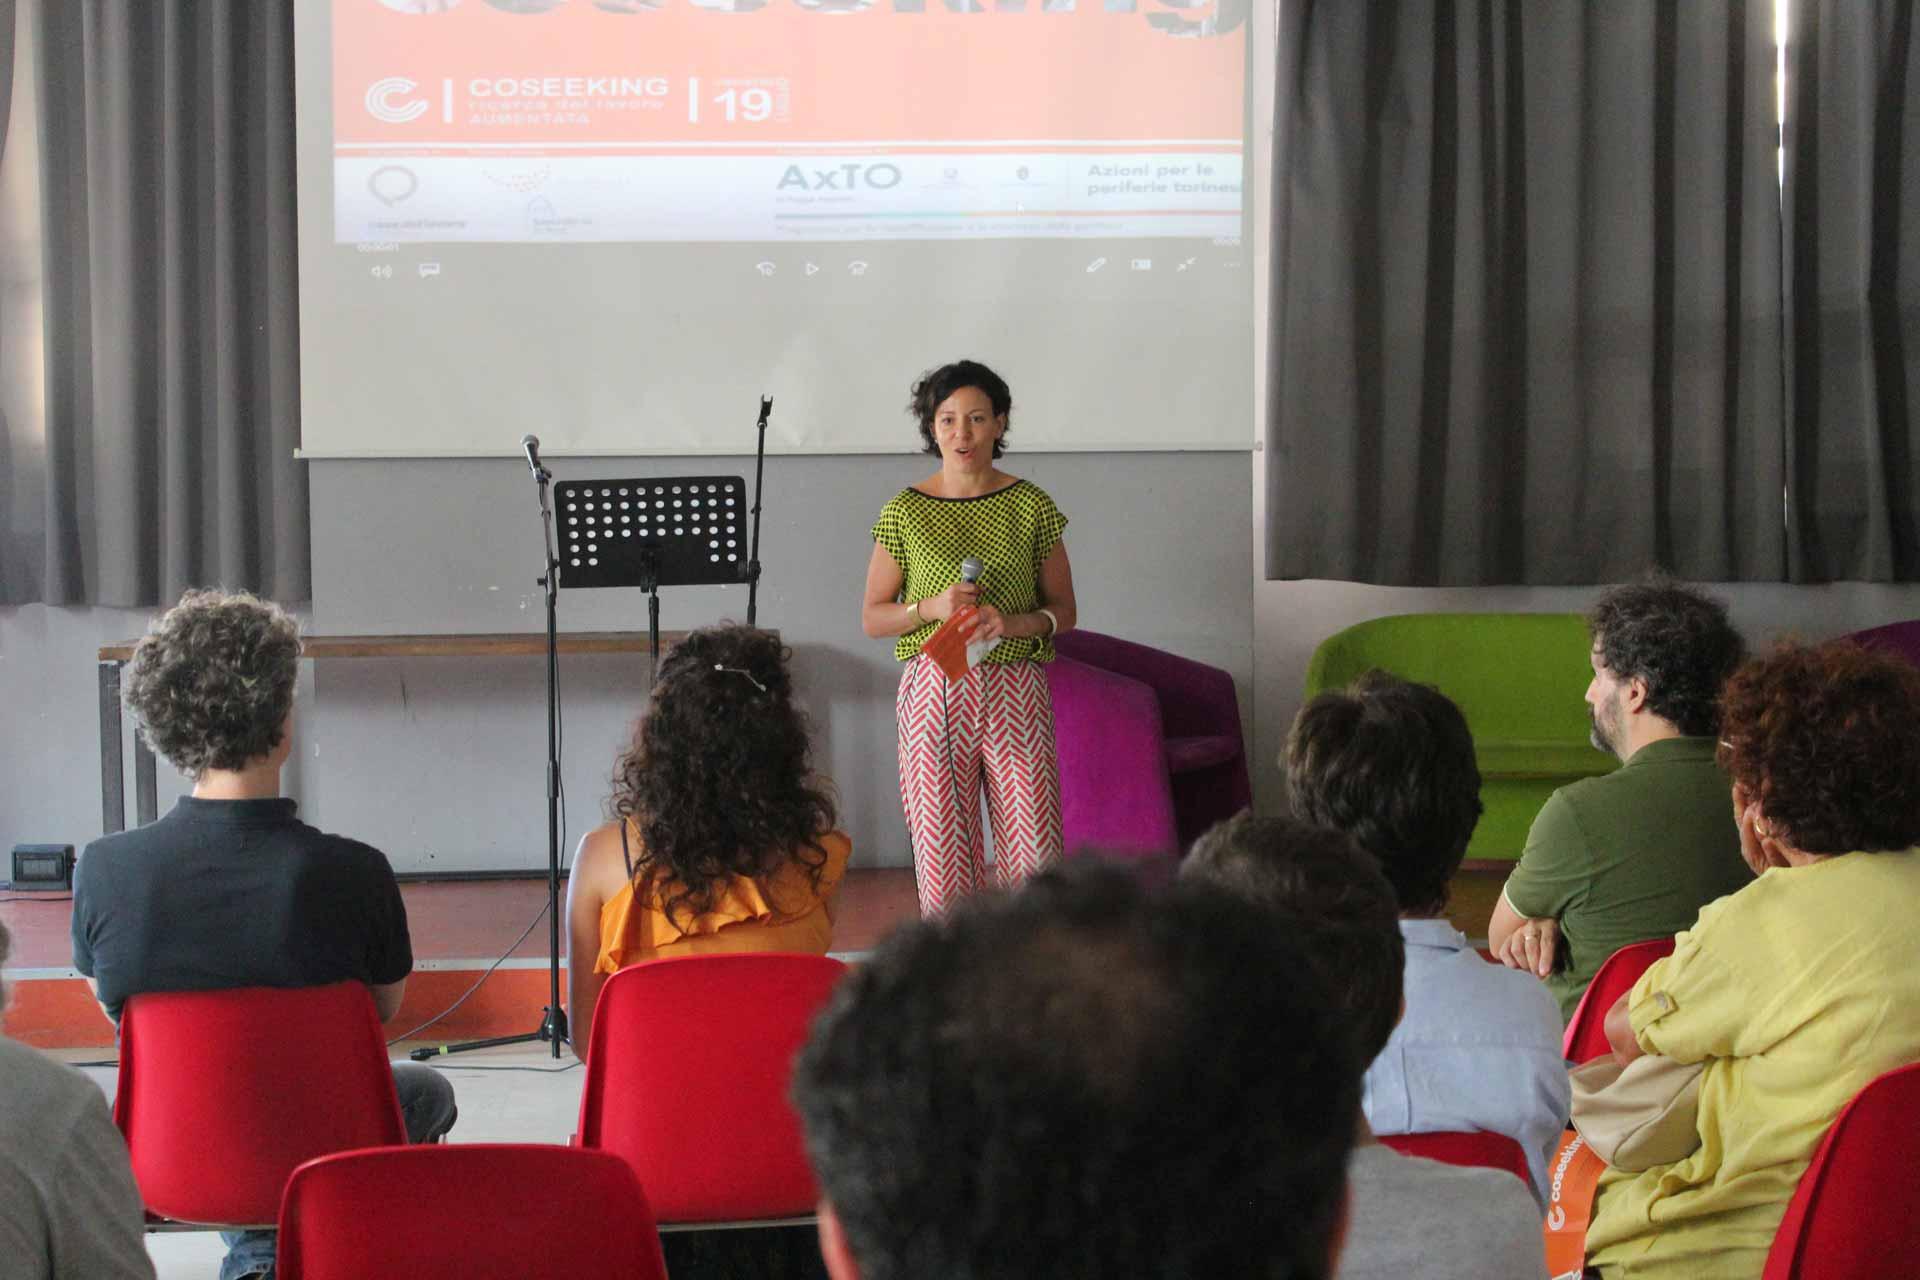 Casa del Lavoro - Coseeking® - Paola Pisano, Assessora all'Innovazione della Città di Torino